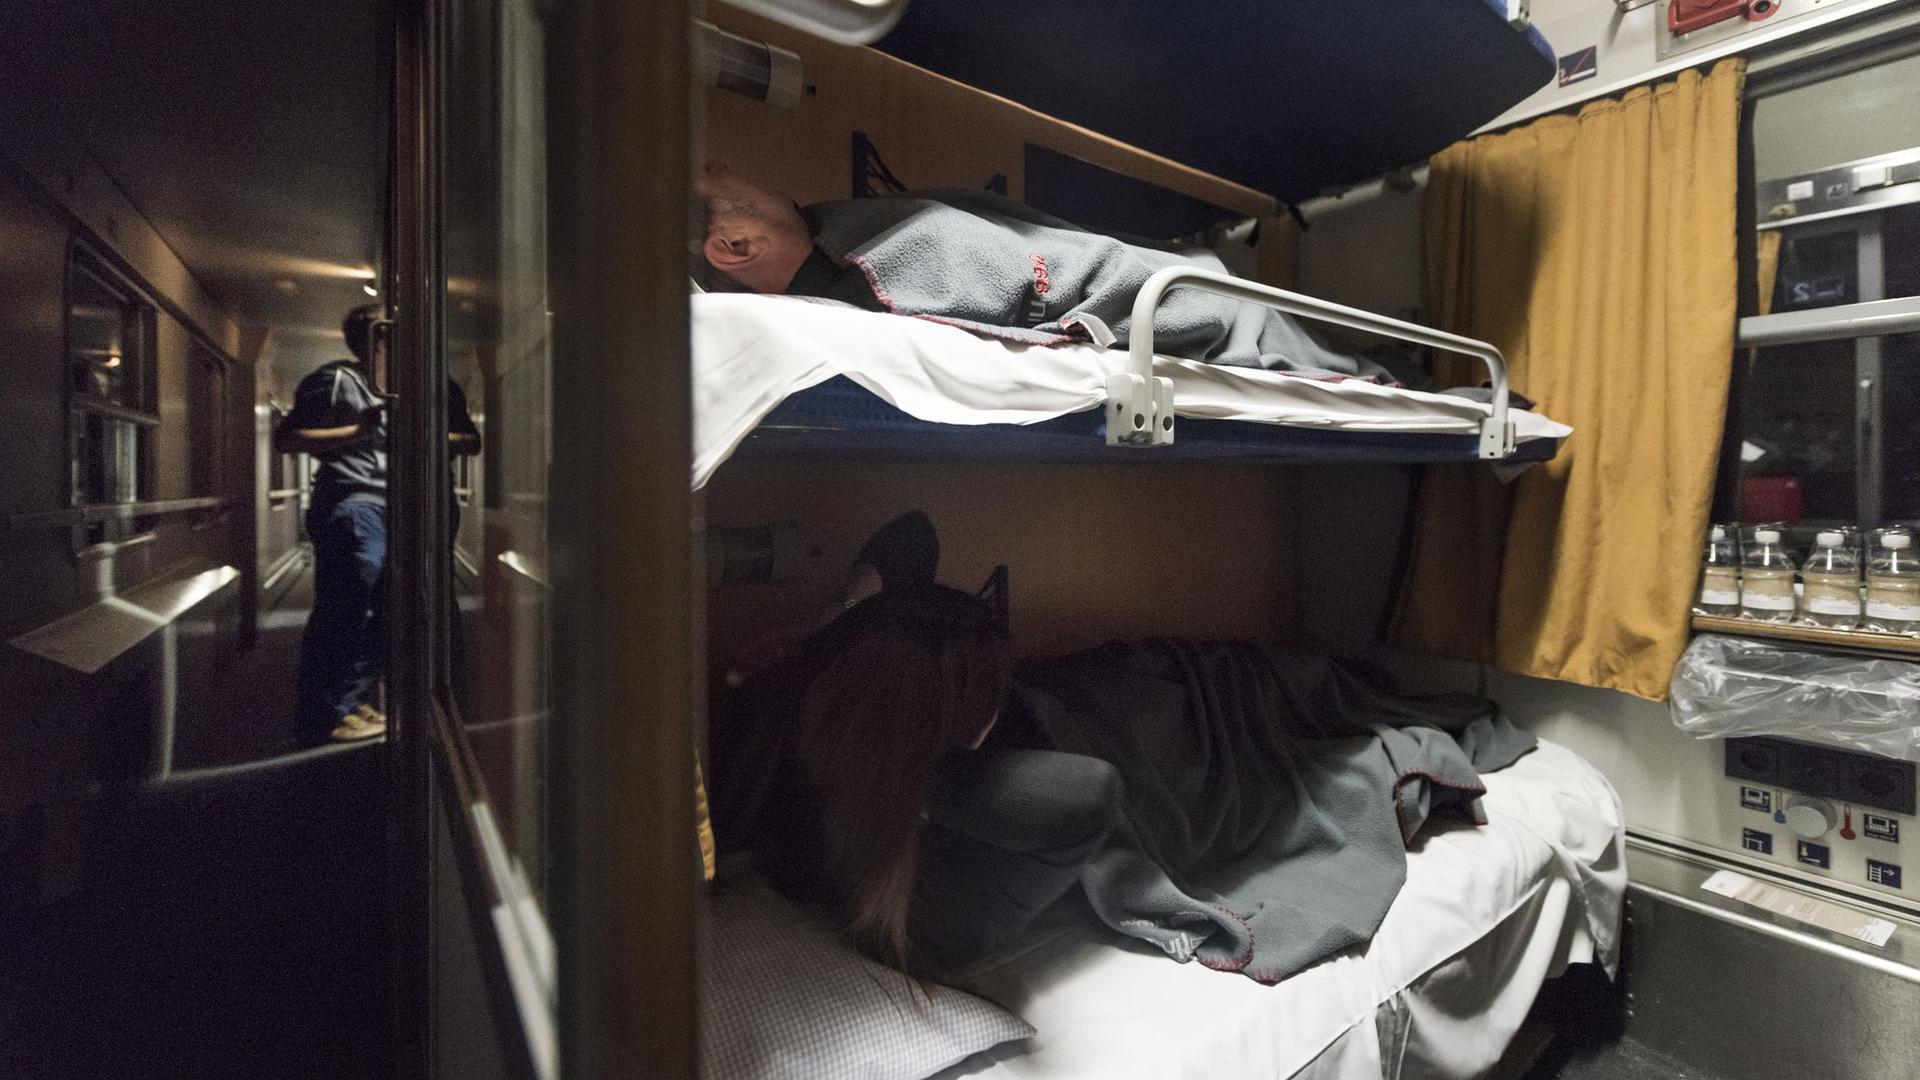 Das Abteil eines Nachtzugs ist zu sehen.